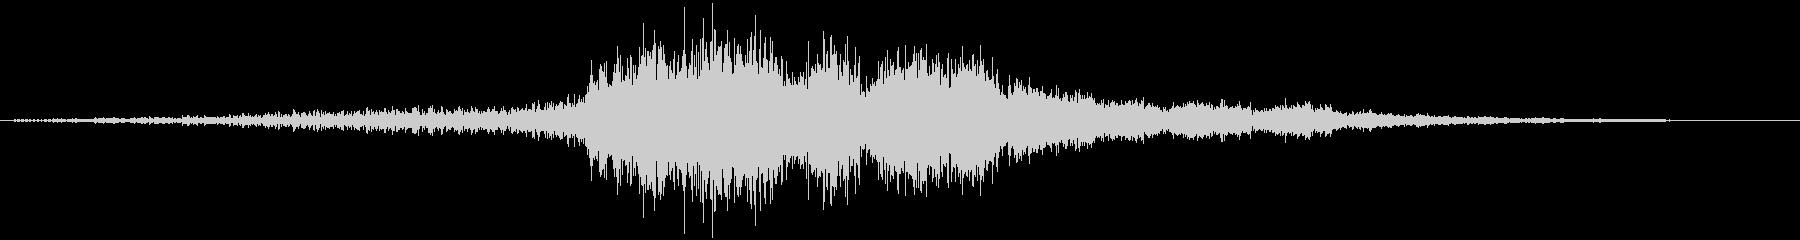 時間の停止や逆行などの抽象的な音#5の未再生の波形